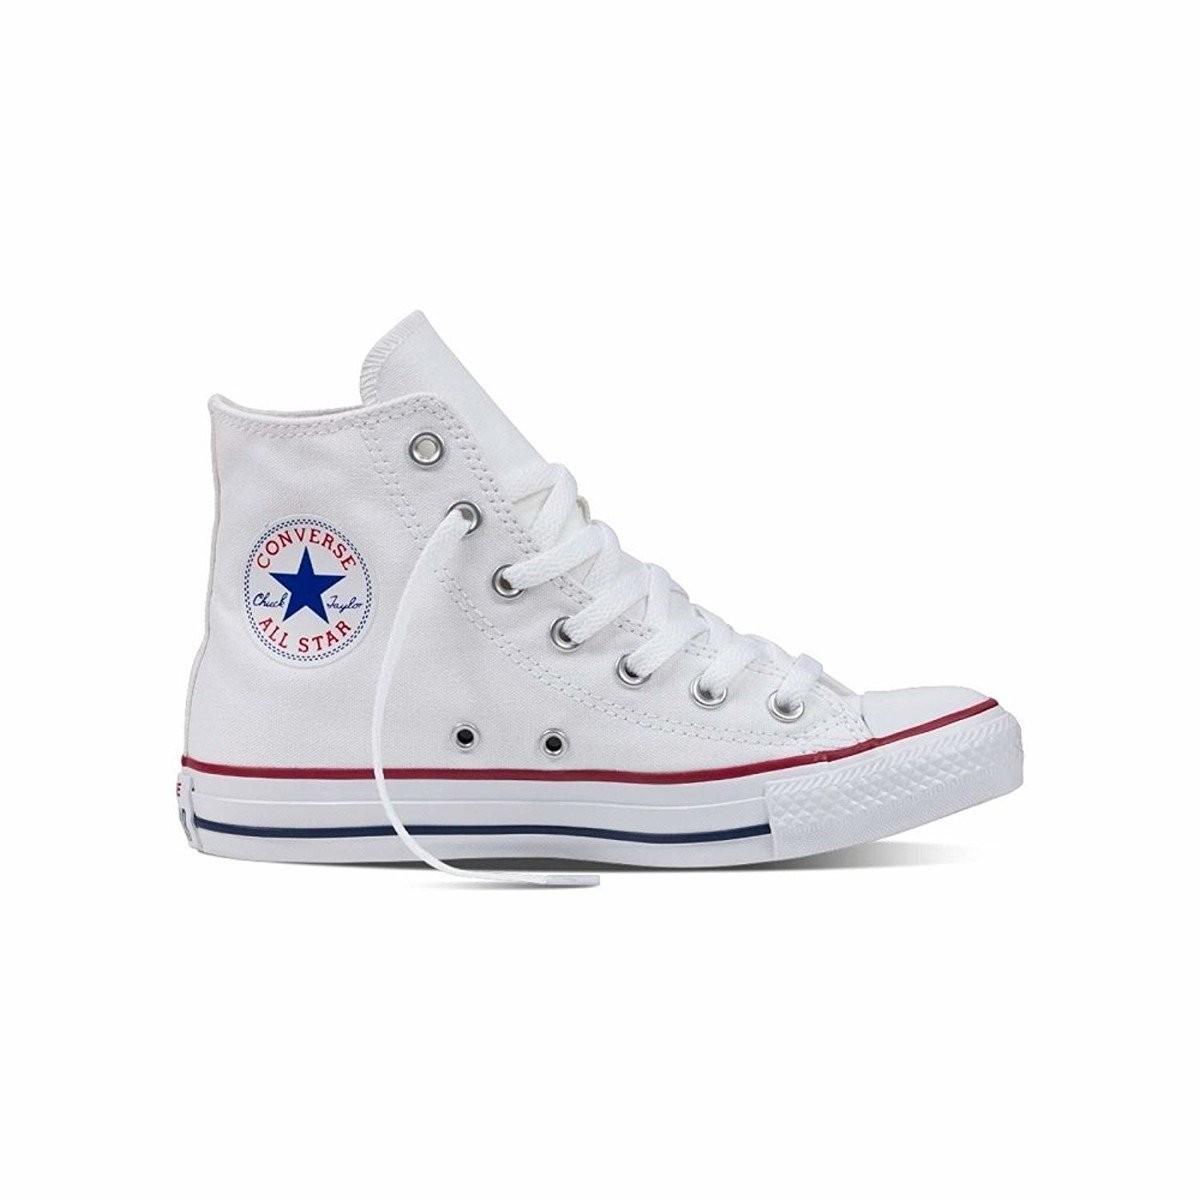 Unisex kotníkové boty Converse Chuck Taylor All Star bílé  f070096b7b